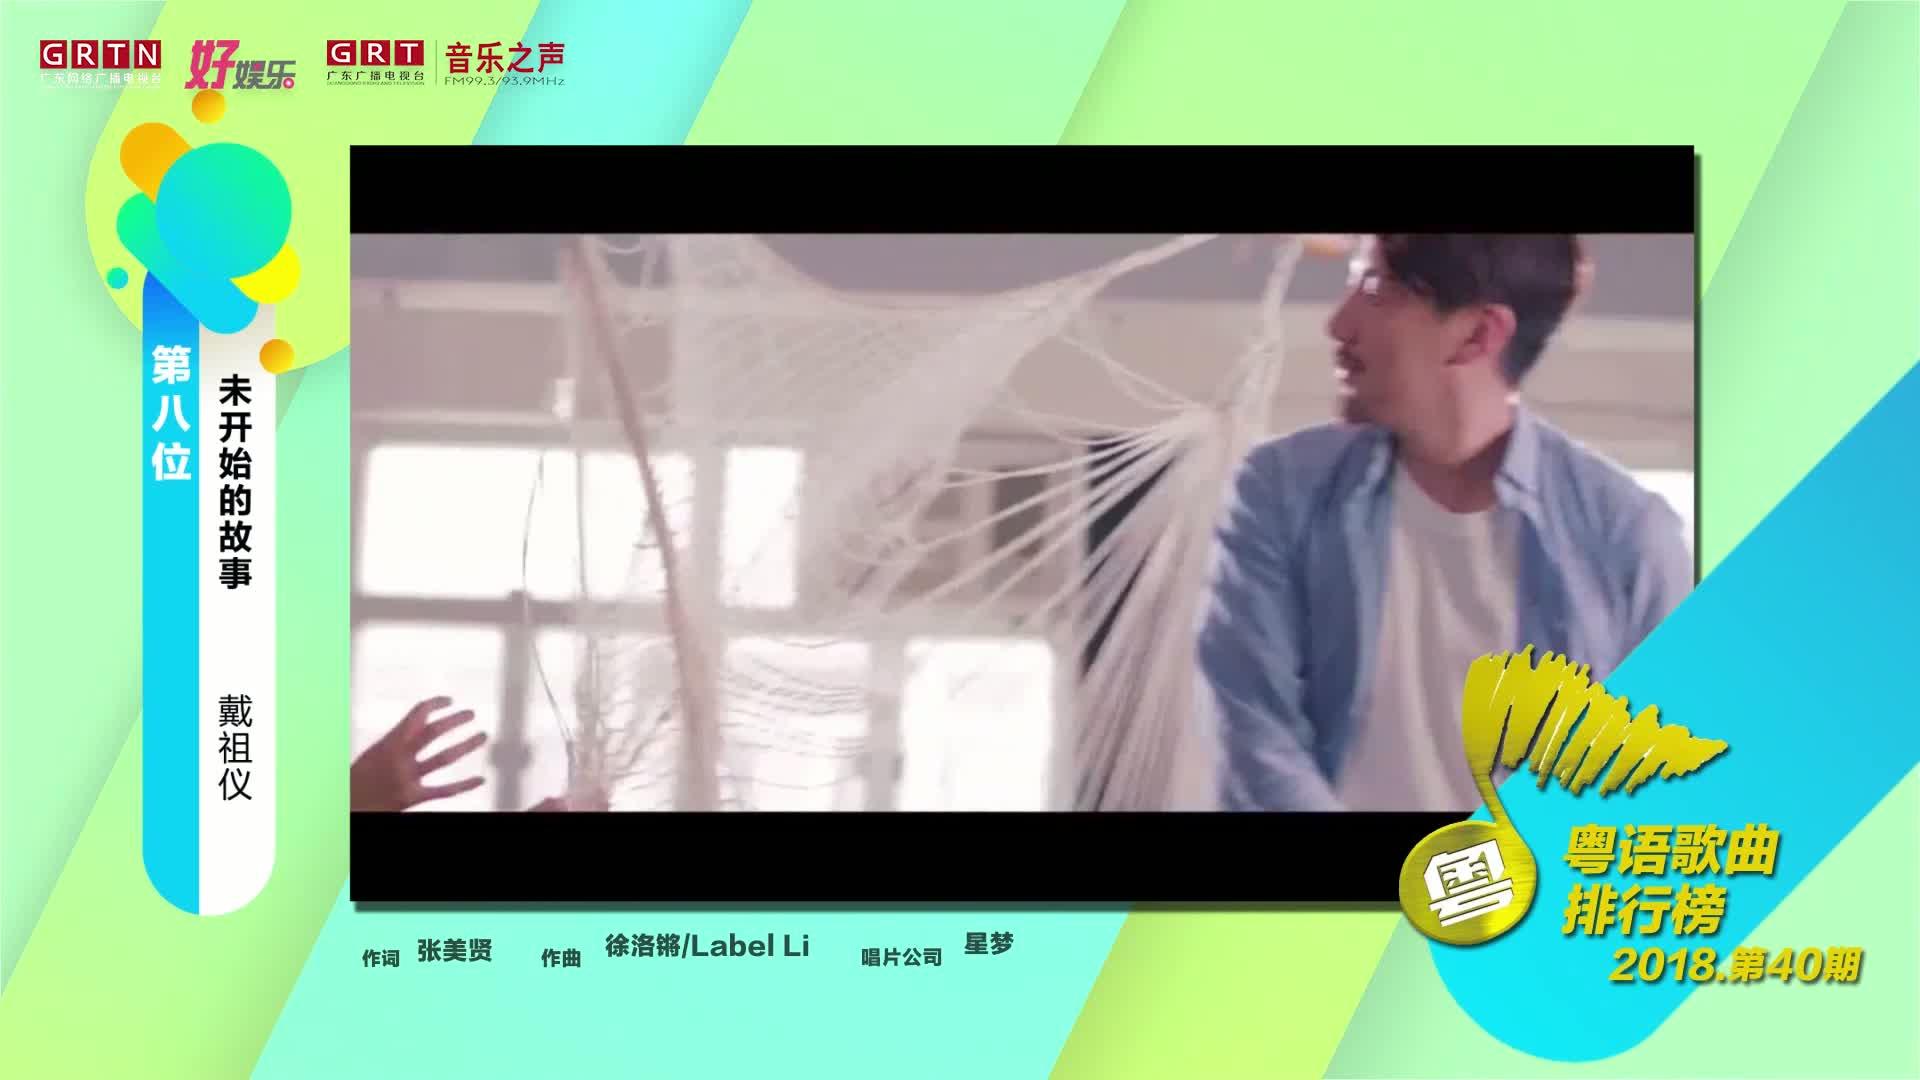 粤语歌曲排行榜2018年第40期榜单